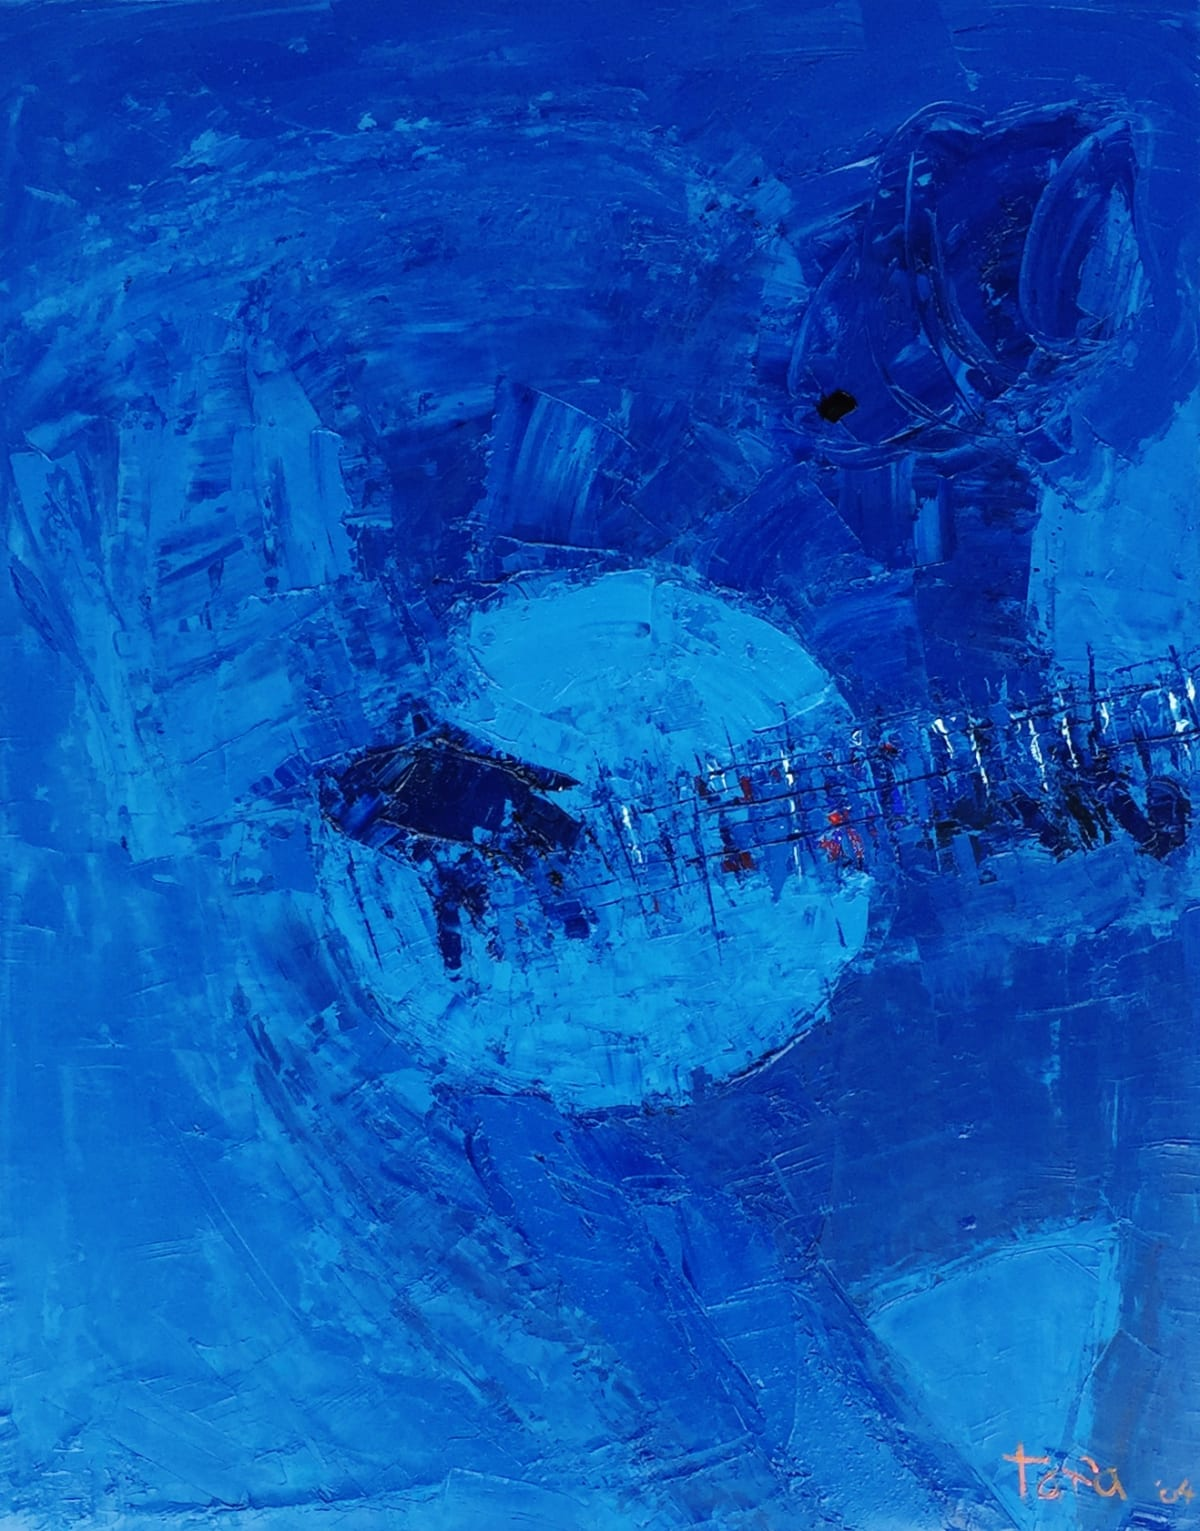 TAFA Banjo at Moonlight, 2004.0 Oil on Canvas 22 x 28